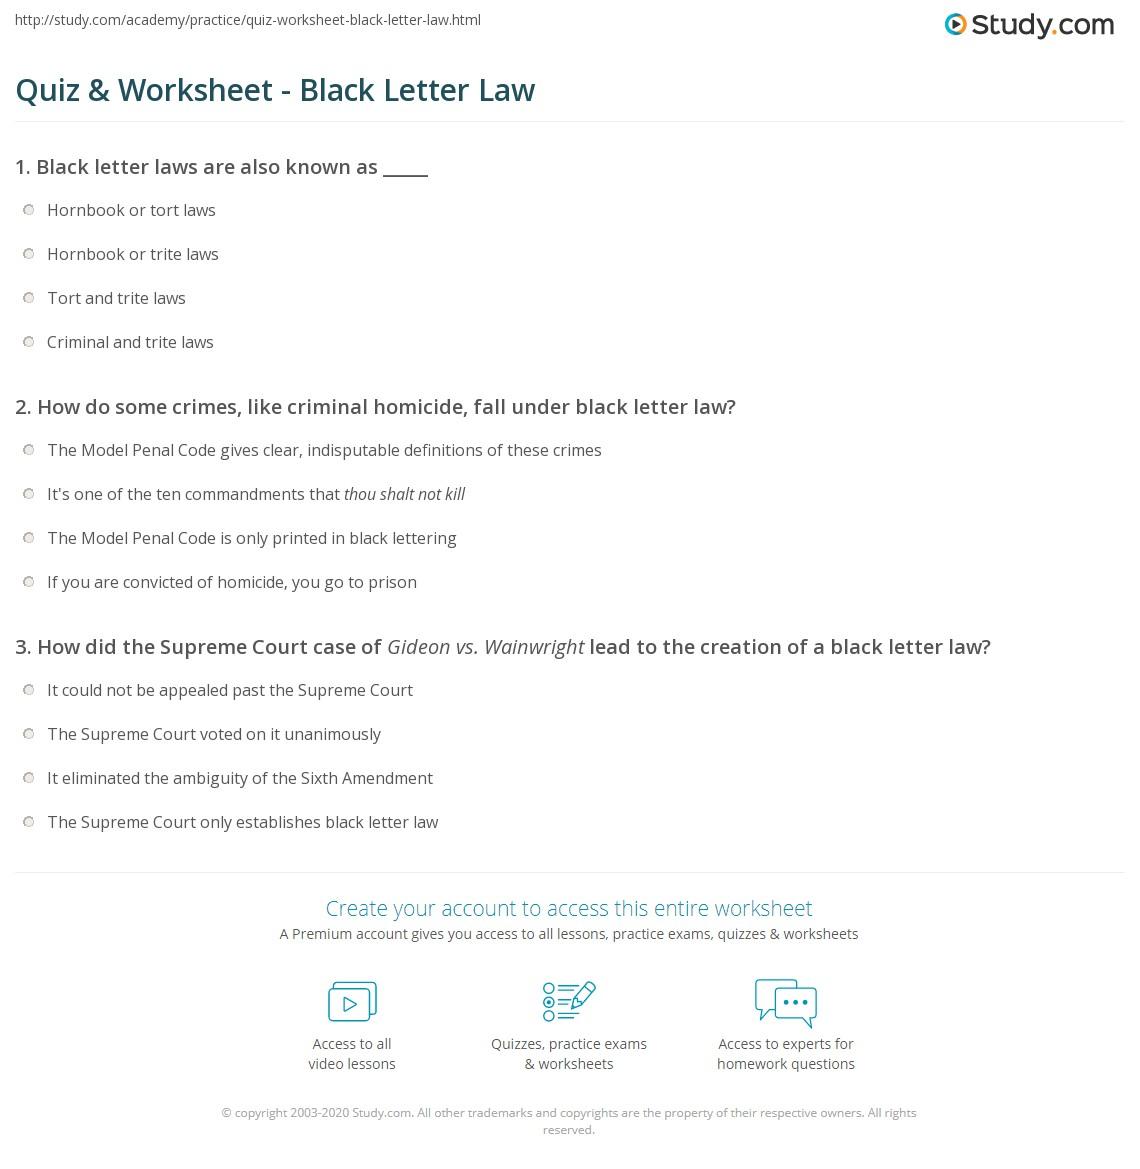 Quiz & Worksheet Black Letter Law